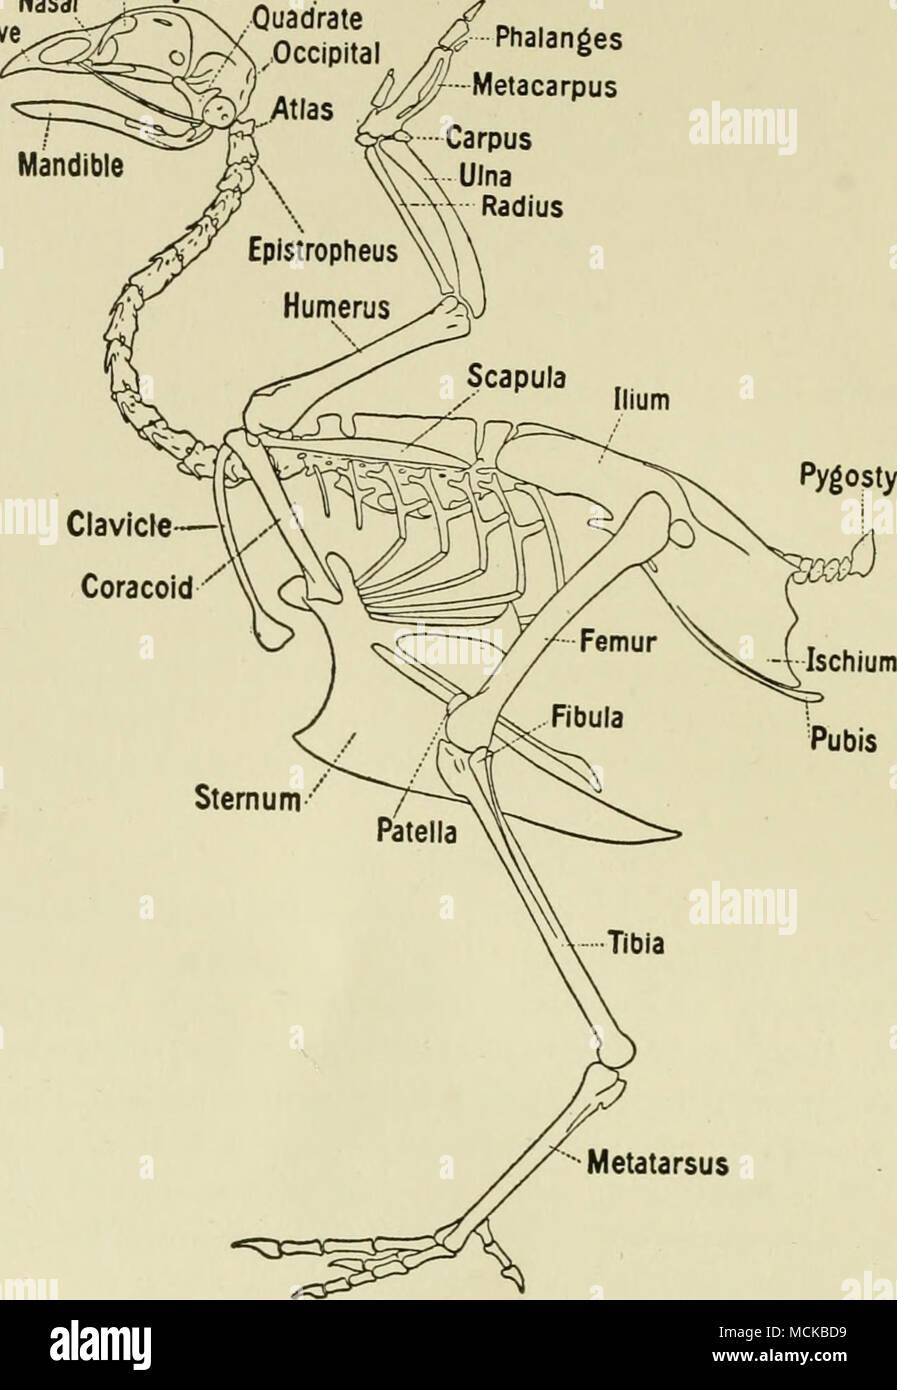 Hintermittelfuss Abb. 1. Das Skelett der Vögel. (Bradley) Die ...